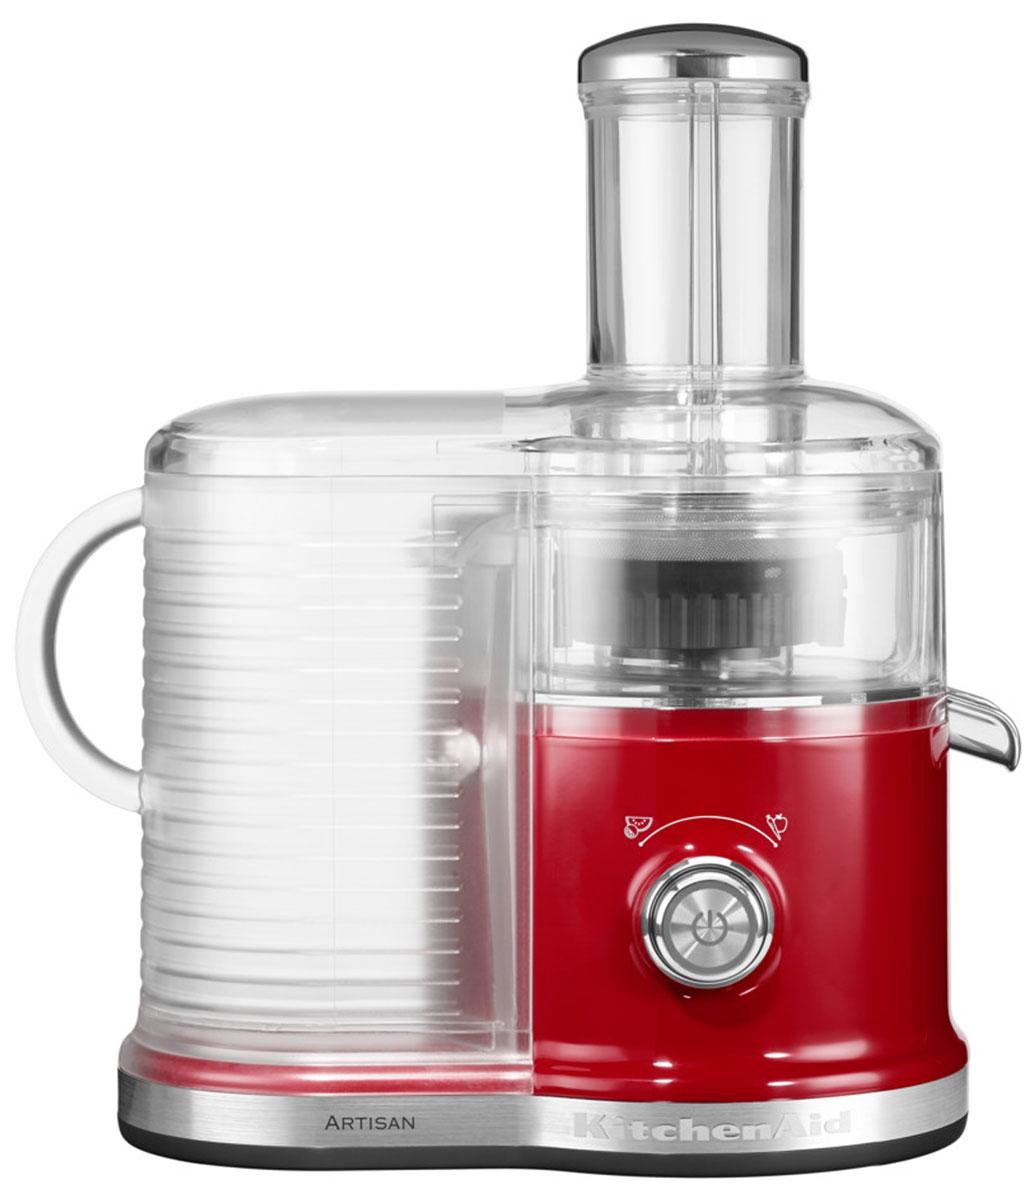 KitchenAid Artisan 5KVJ0333, Red соковыжималка5KVJ0333EERСкоростная центрифужная соковыжималка KitchenAid Artisan 5KVJ0333 имеет две скорости для мягких и твердых фруктов и овощей, что увеличивает объем получаемого сока, сокращая количество отходов.Экстра широкое жерло и толкатель подходит для фруктов и овощей разных размеров, сокращая время предварительной нарезки.Капля-стоп для контролирования вытекания сока.Контроль объема мякоти с помощью фильтра с 3-мя регулируемыми настройками позволяет регулировать объем мякоти в соке для приготовления однородных овощных соков или более густых фруктовых соков.